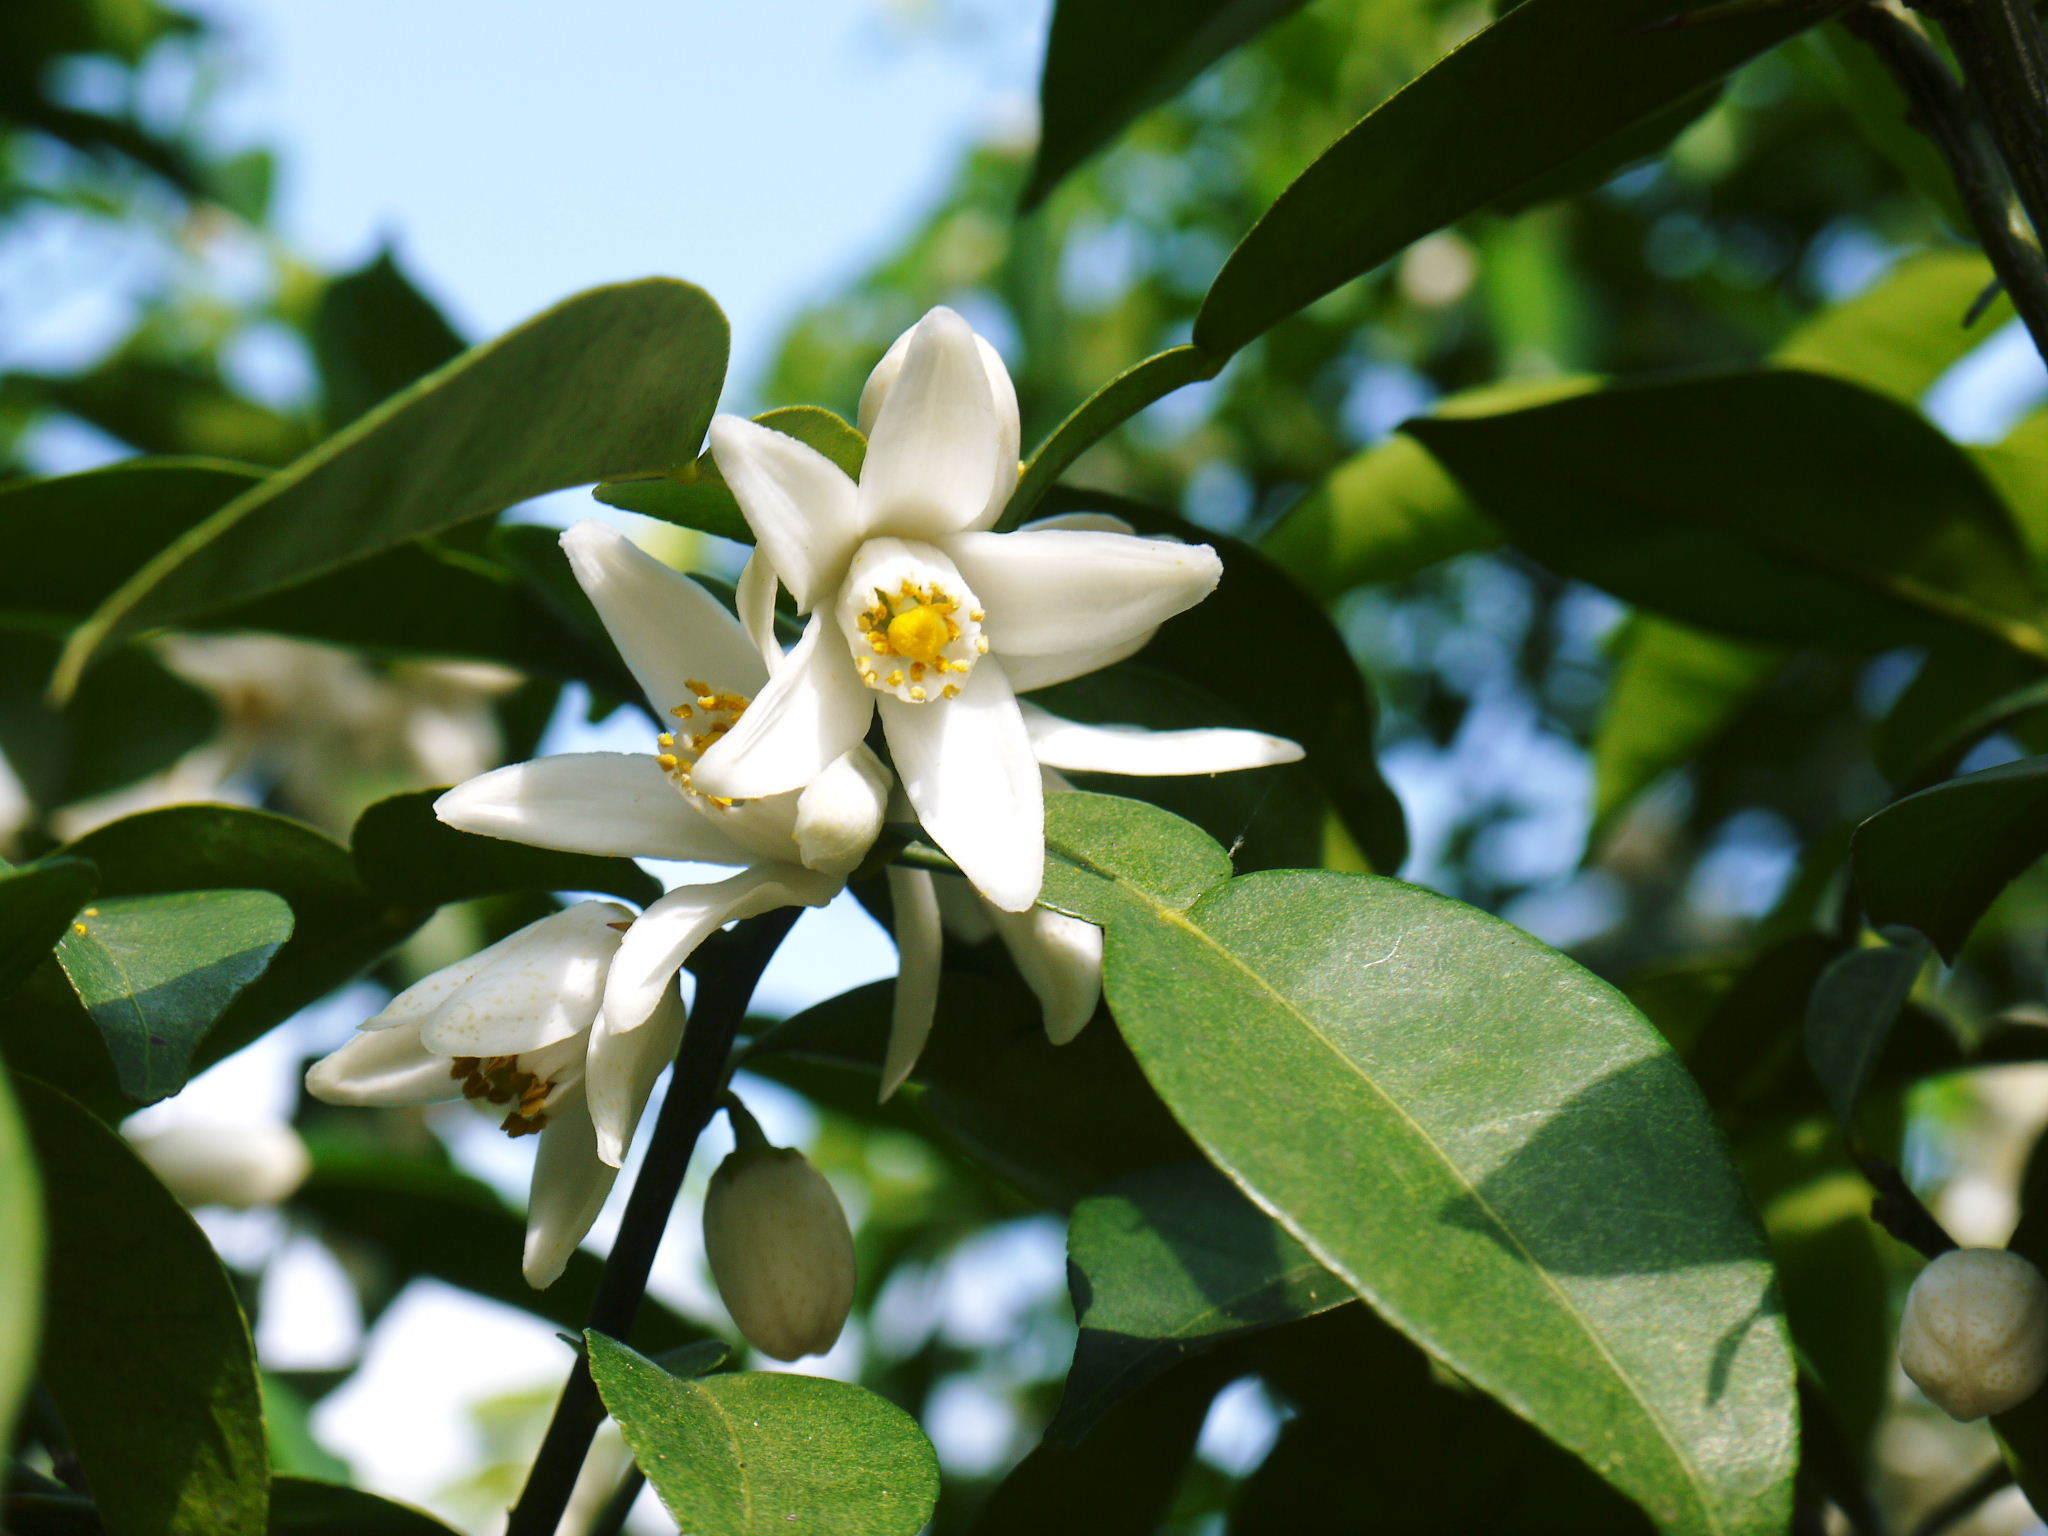 香り高き柚子(ゆず) 今年も元気な花が咲き誇ってます!柚子の花(2020)_a0254656_18561200.jpg